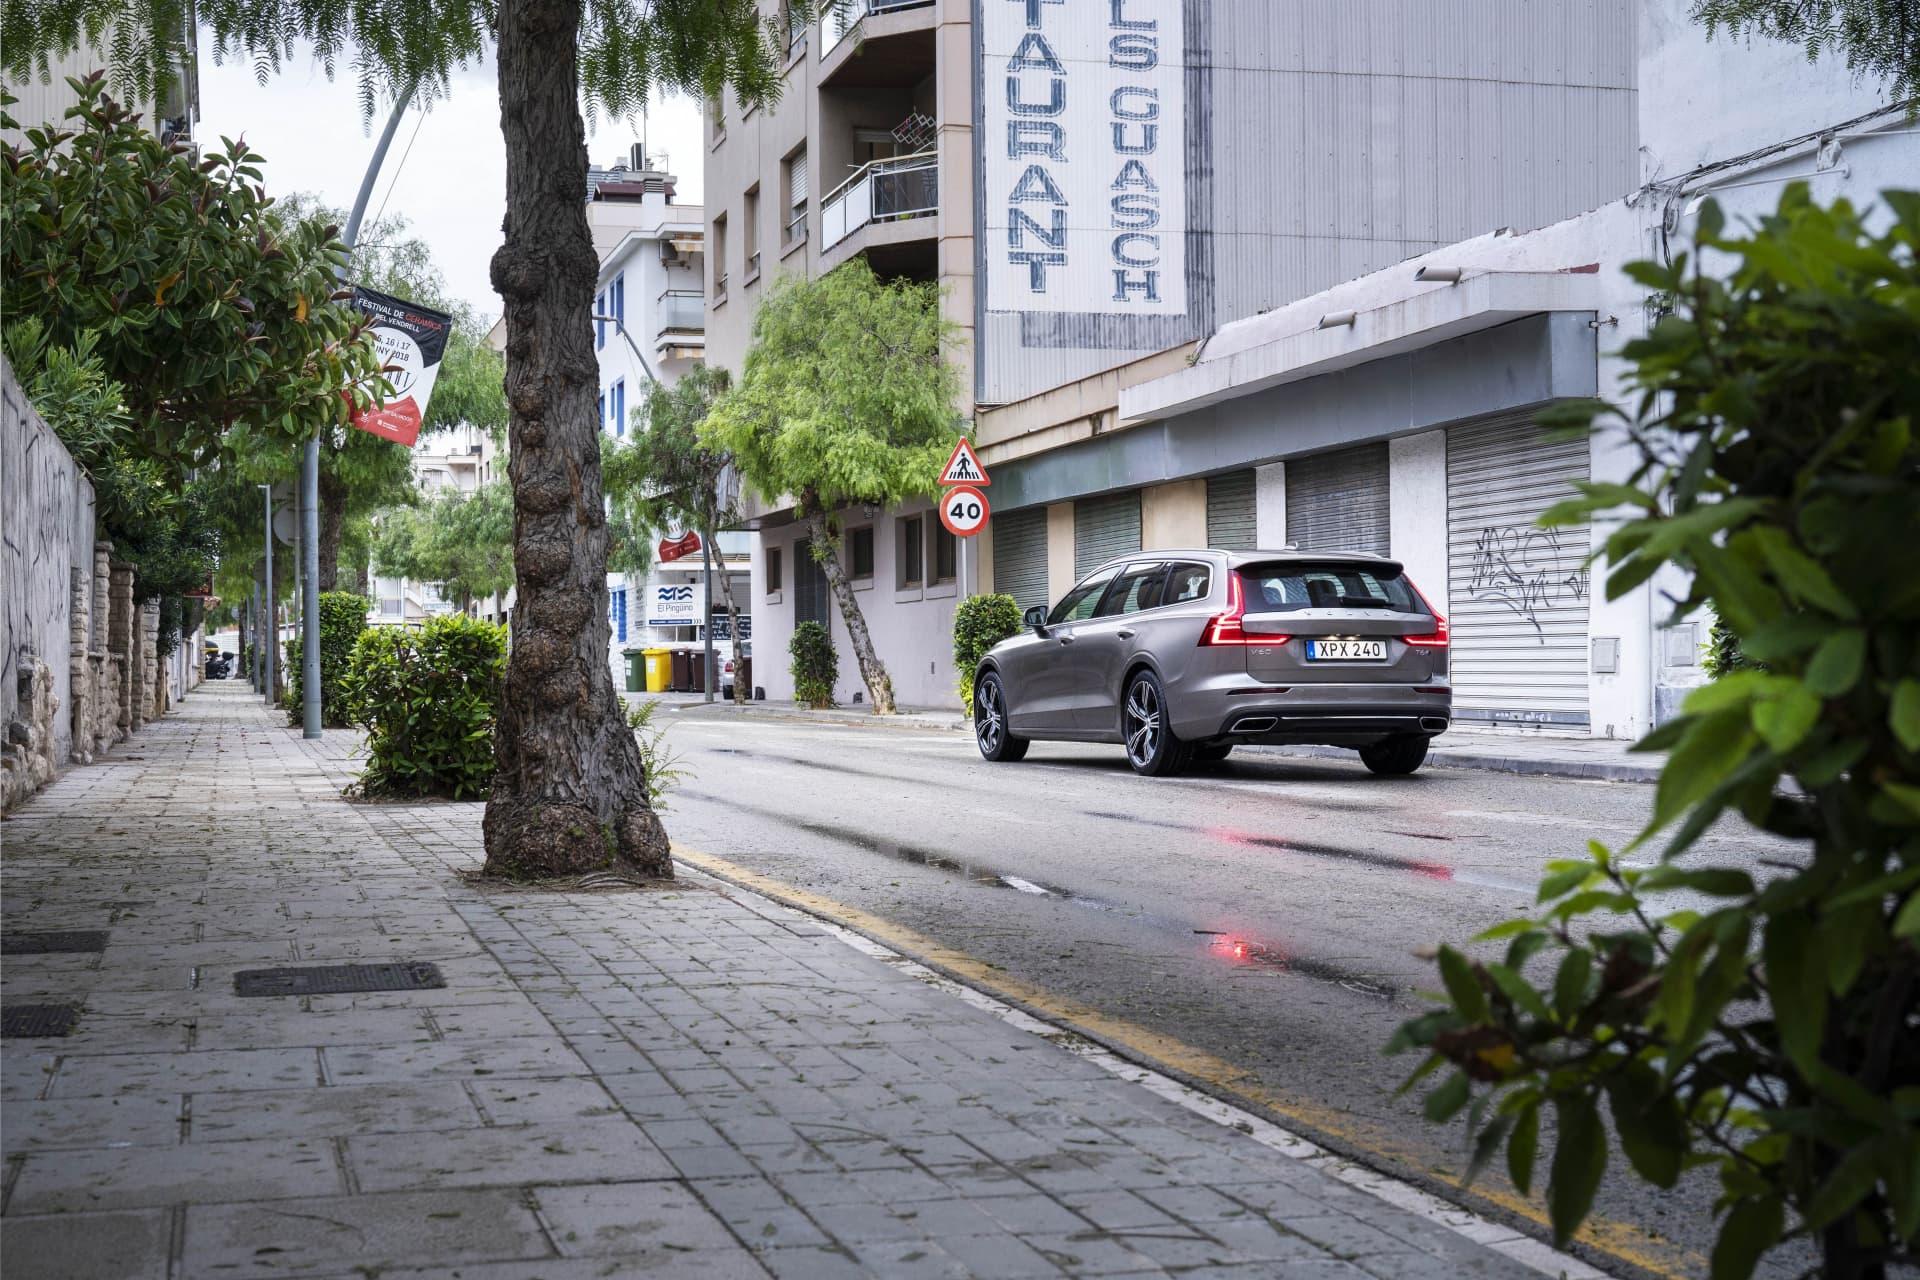 V60 på en dödlig gata i Tarragona en tidig morgon. Denna bil kommer bli en mycket vanlig syn på våra gator i Sverige och även andra platser i världen.